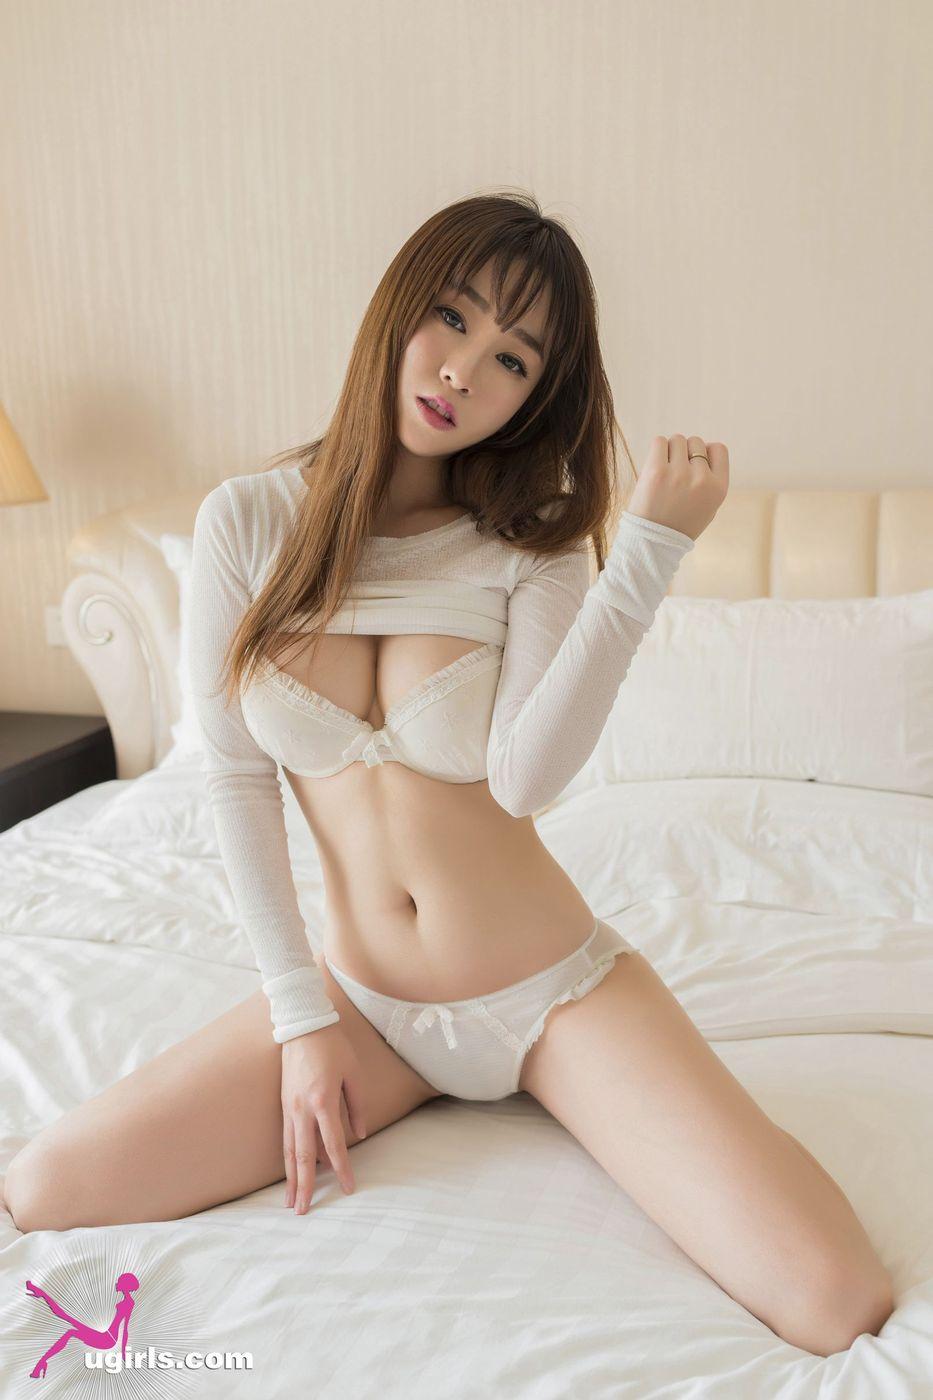 [ugirls尤果网] 性感嫩模王语纯日系风格床照丁字裤写真